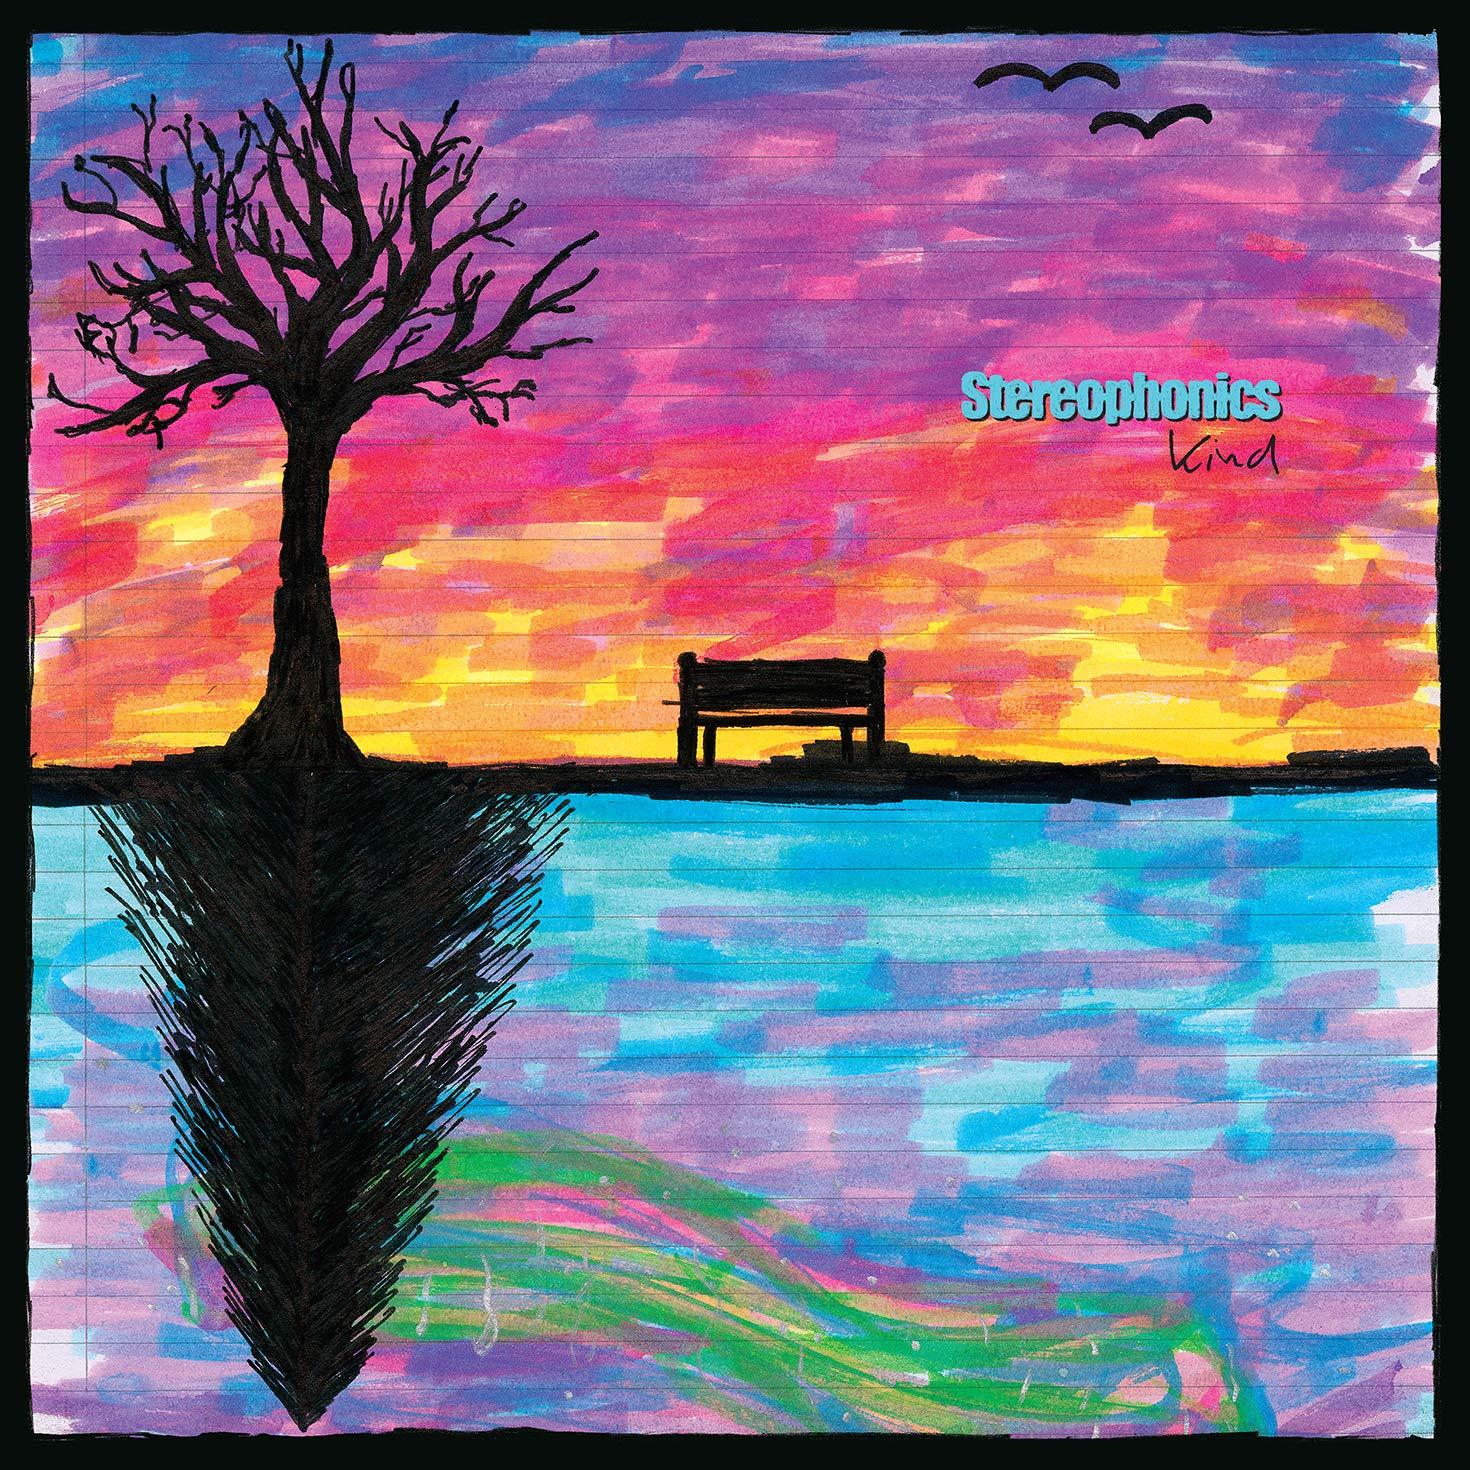 Dernier album du groupe anglais Stereophonics